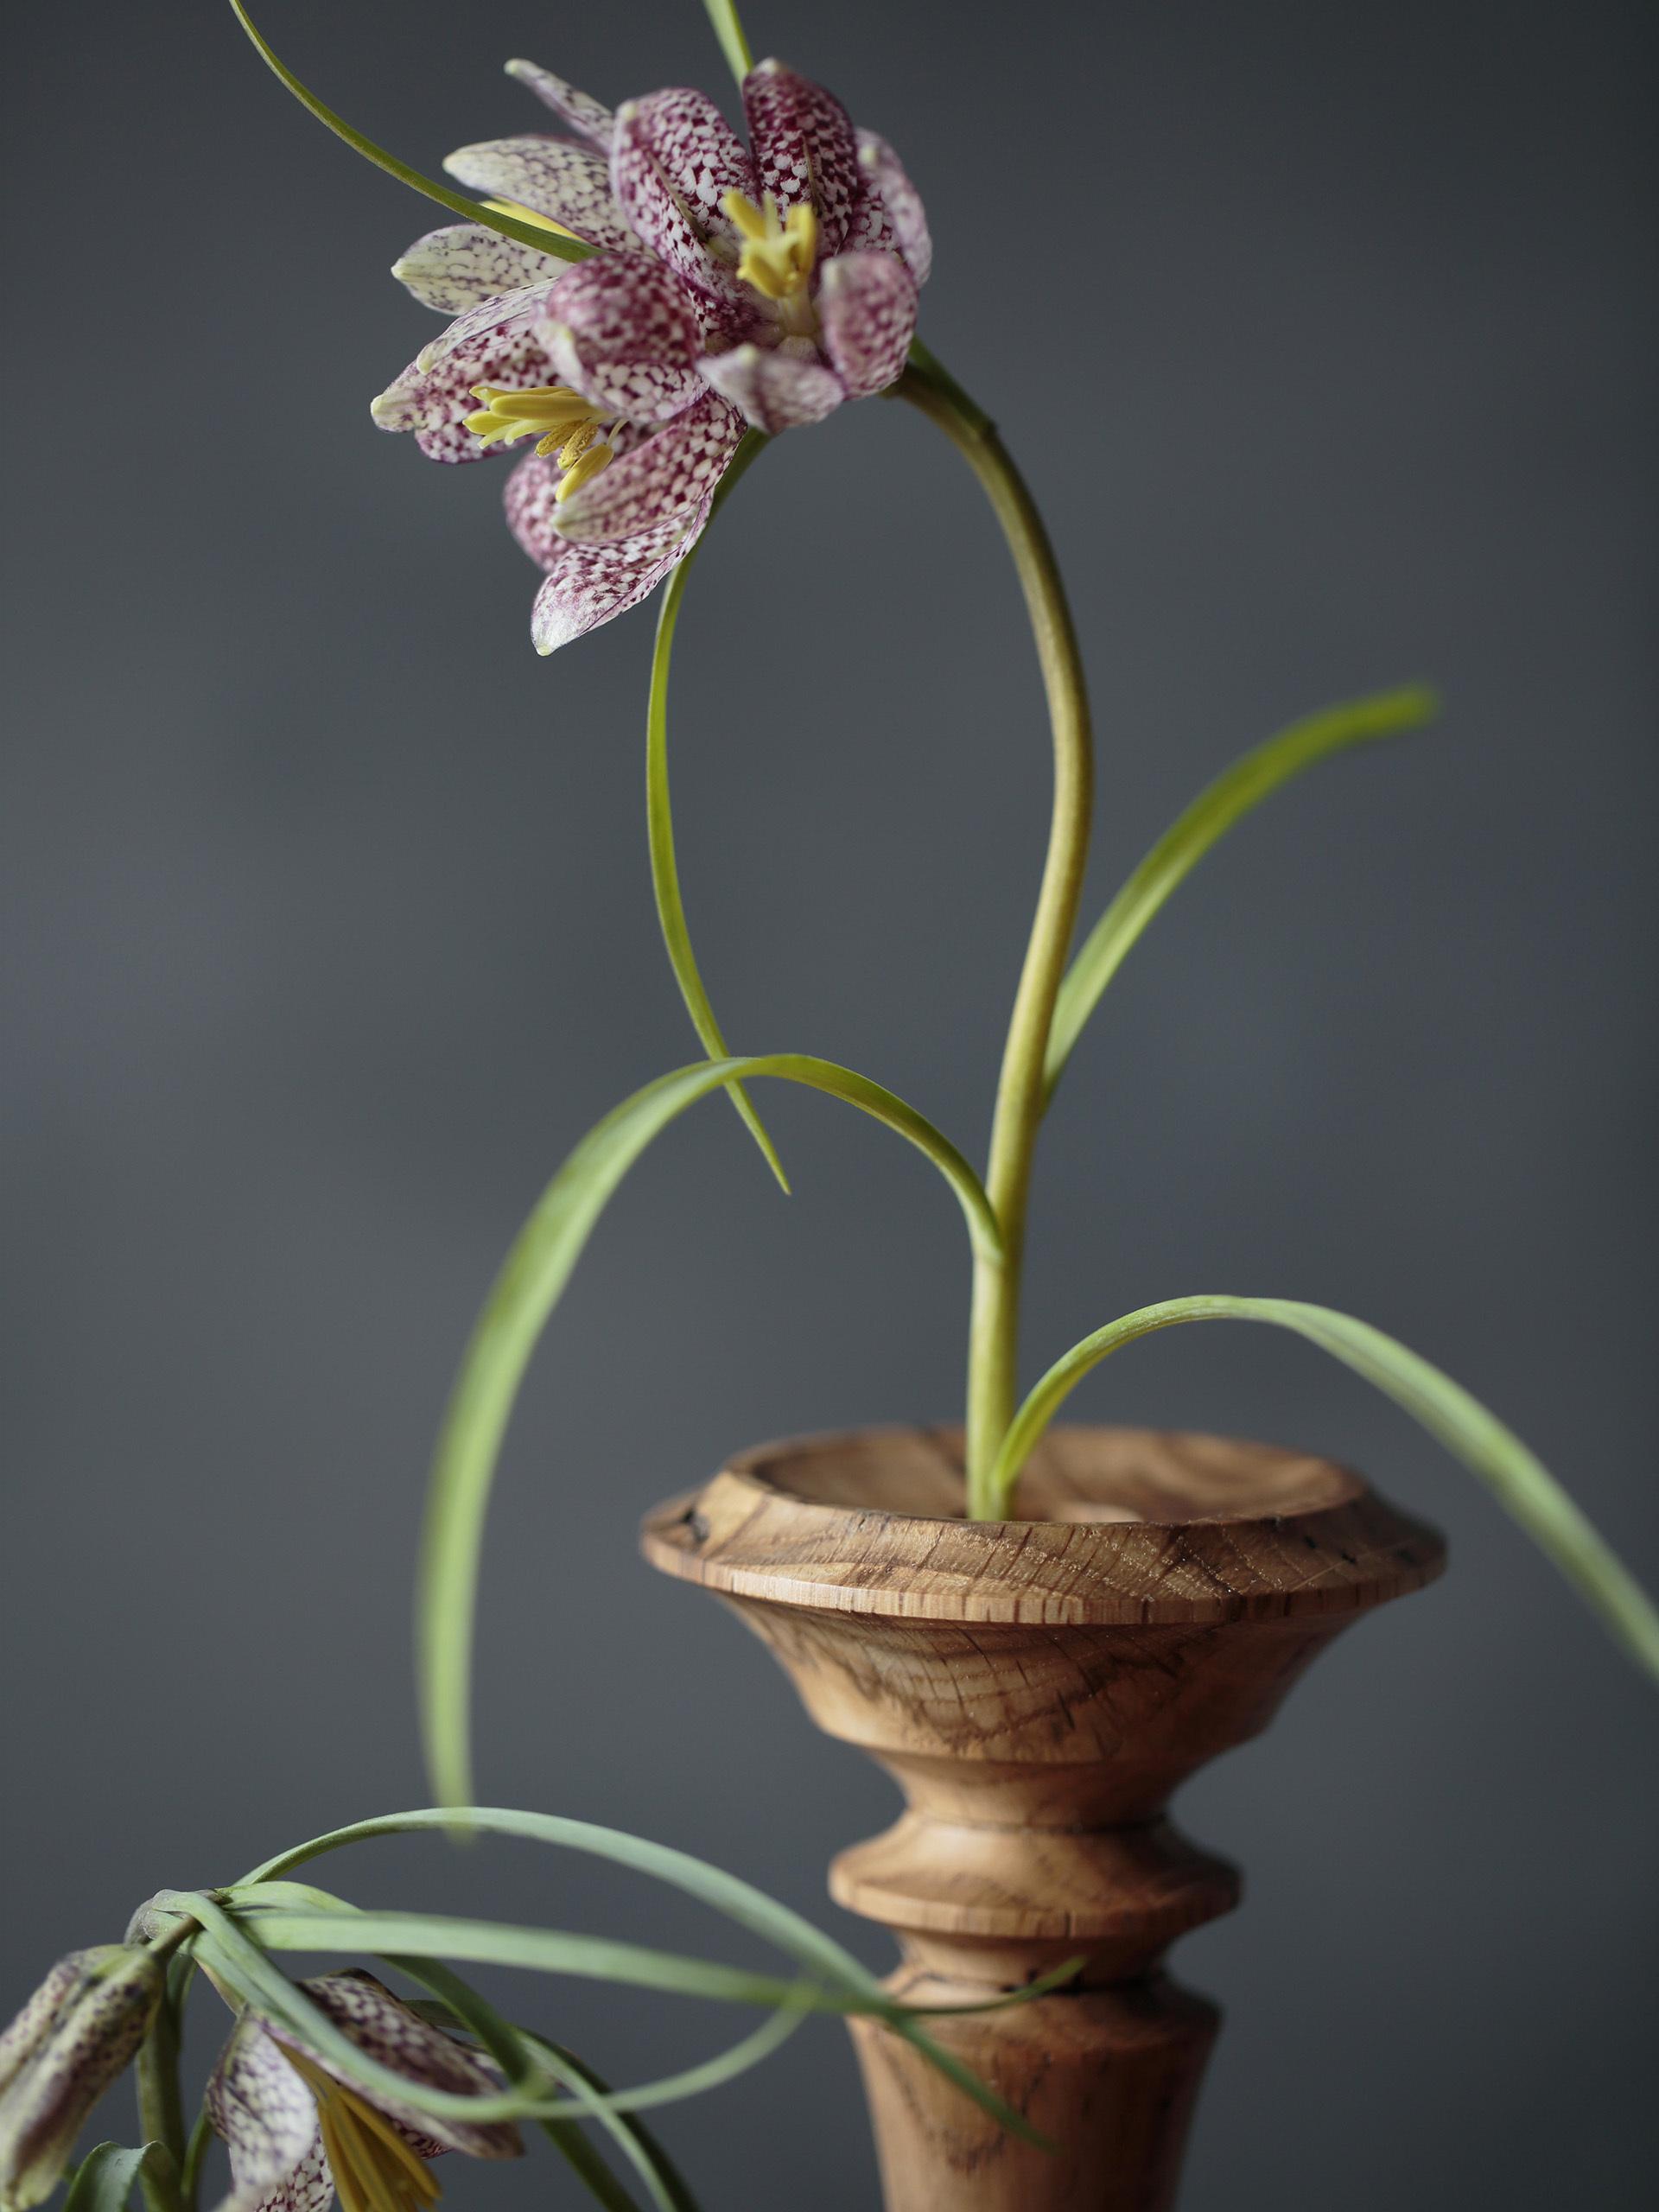 虫喰いの花器 ボビン - 画像4